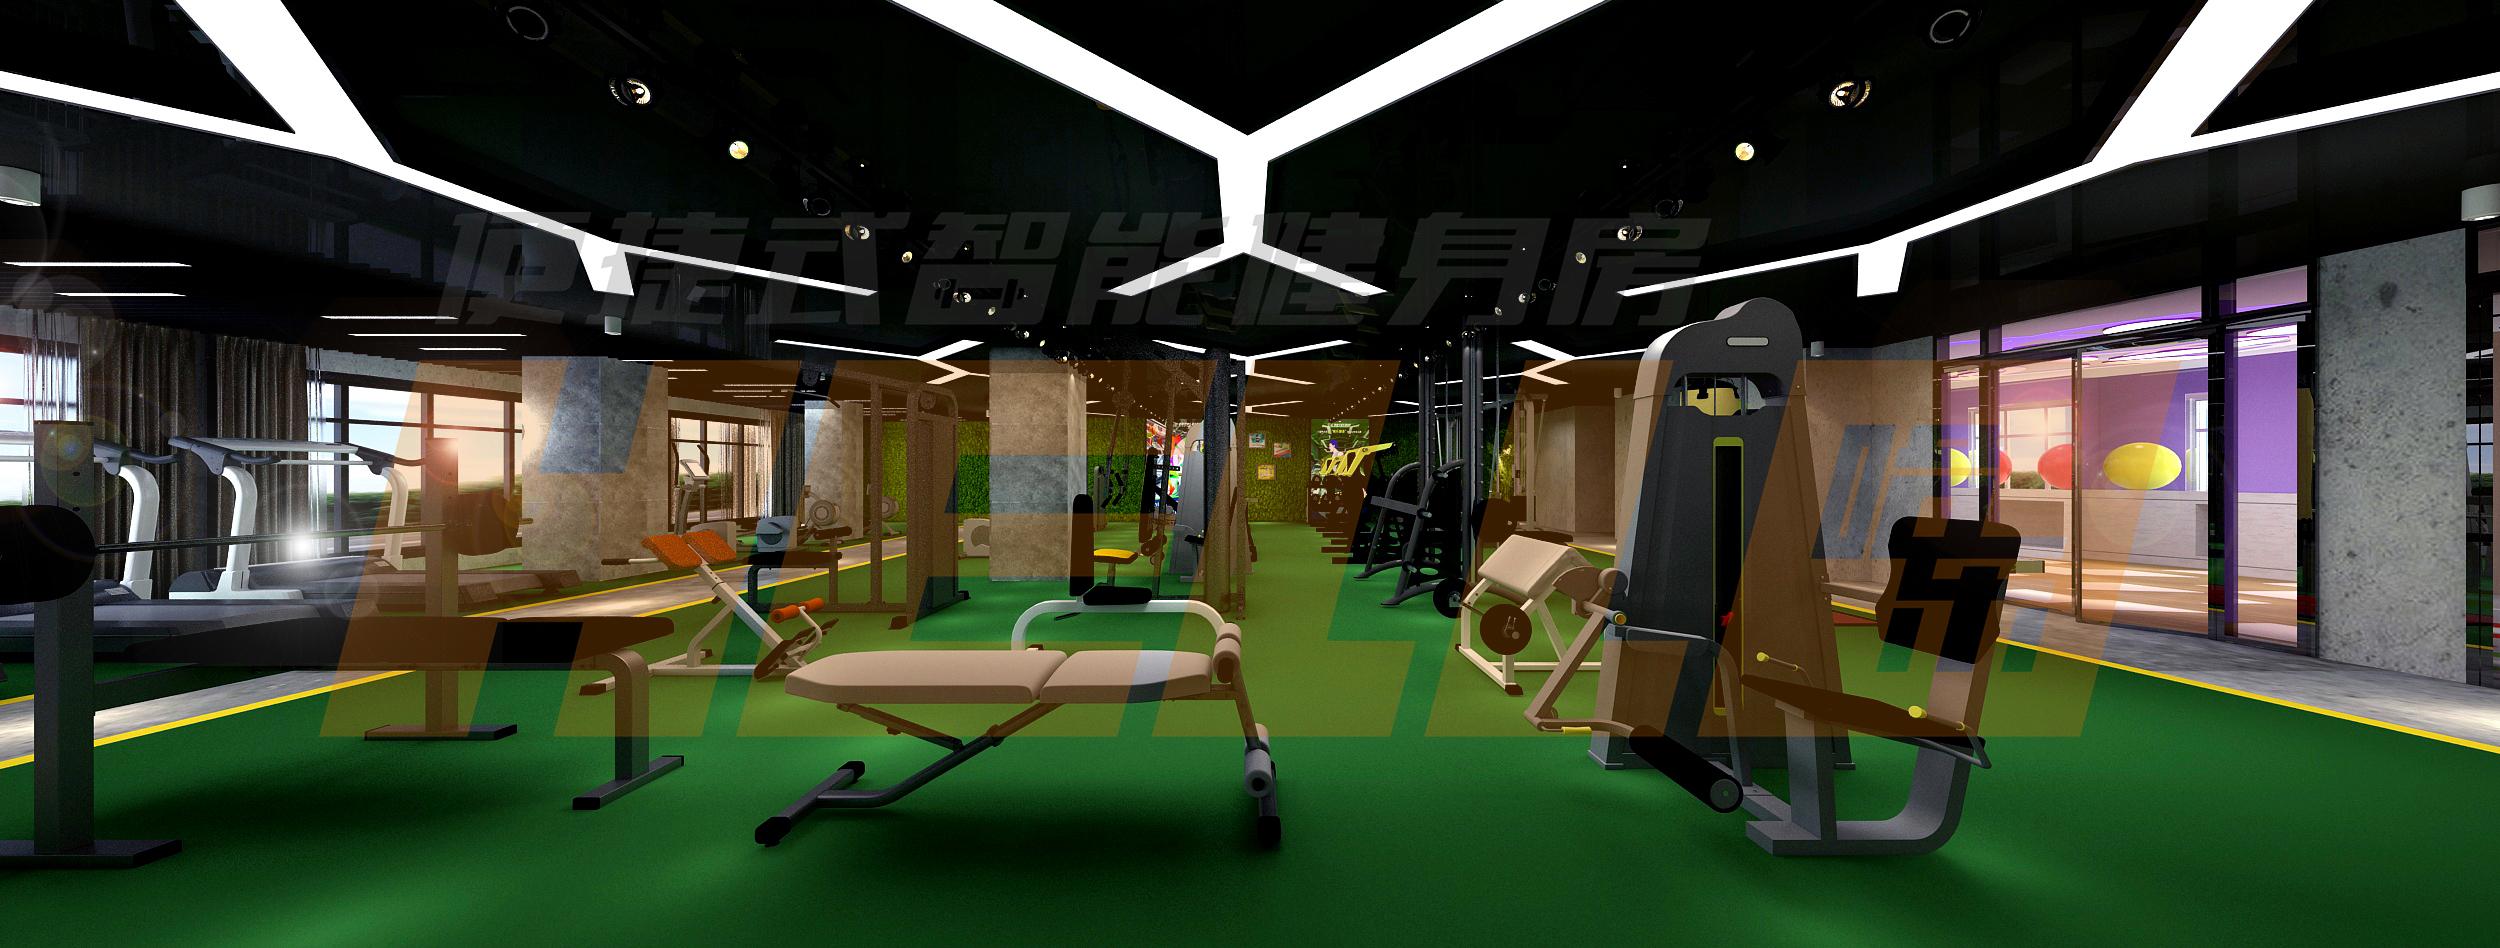 想让健身房赚钱需做好的五个方面准备,你知道了吗?